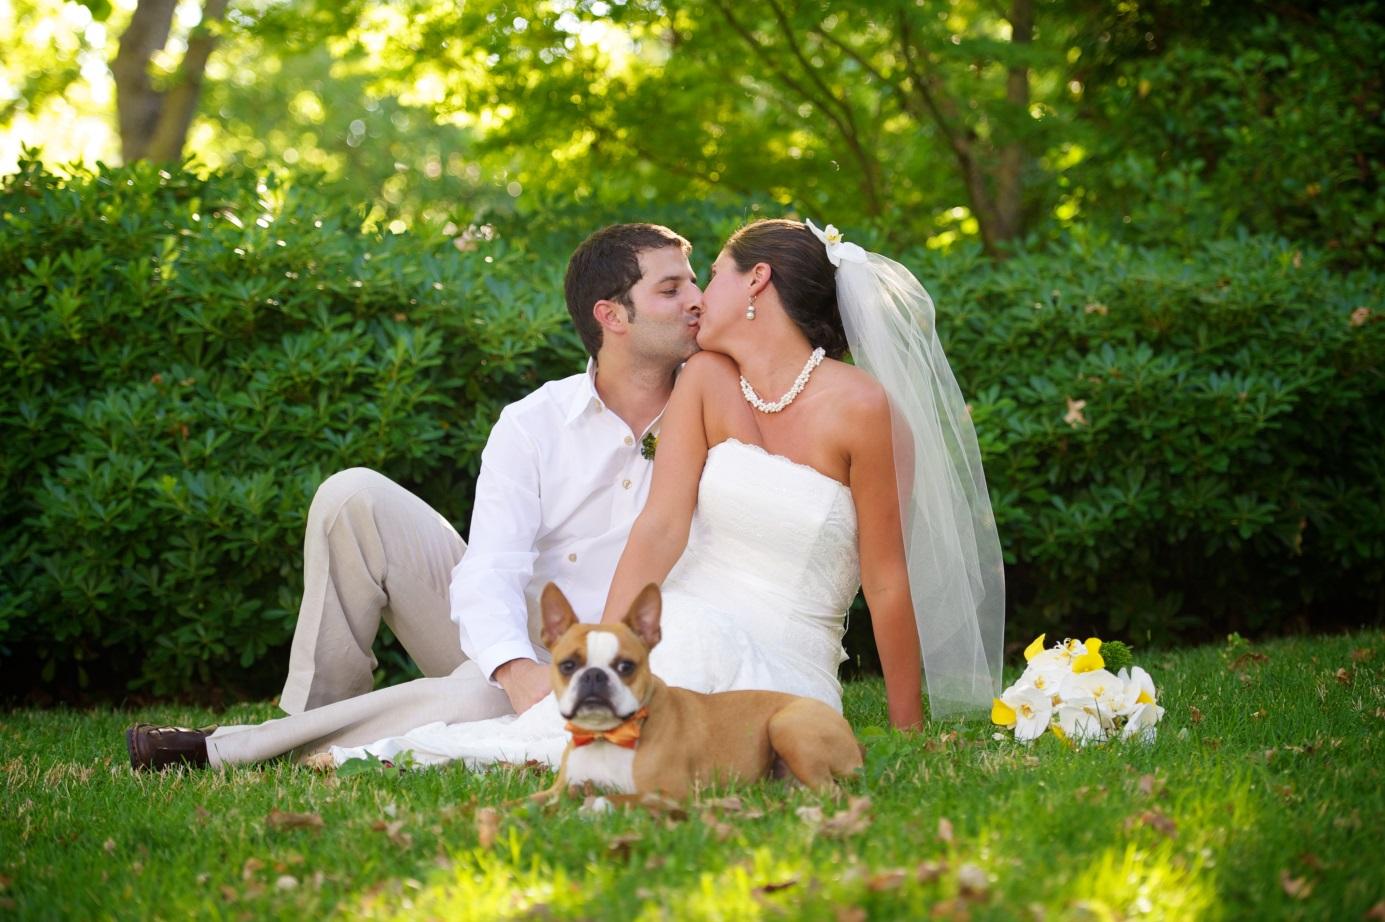 Идеи для свадебной фотосессии летом на природе фото 3